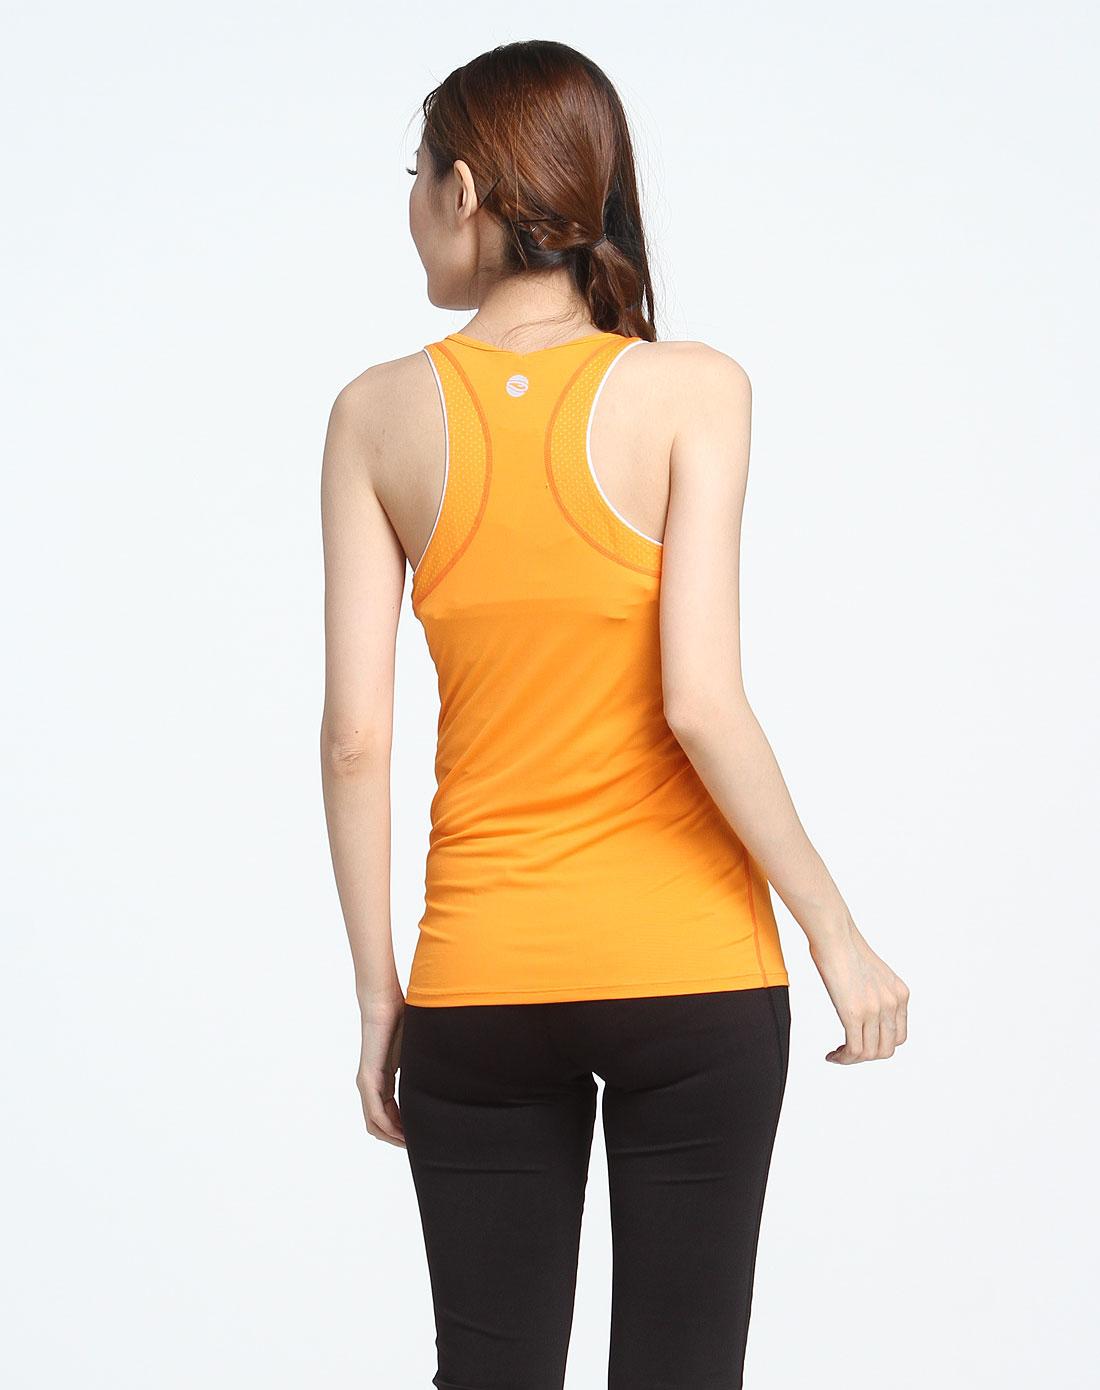 浩沙hosa男女运动健身专场-女款桔黄色跑步系列透气窄背背心